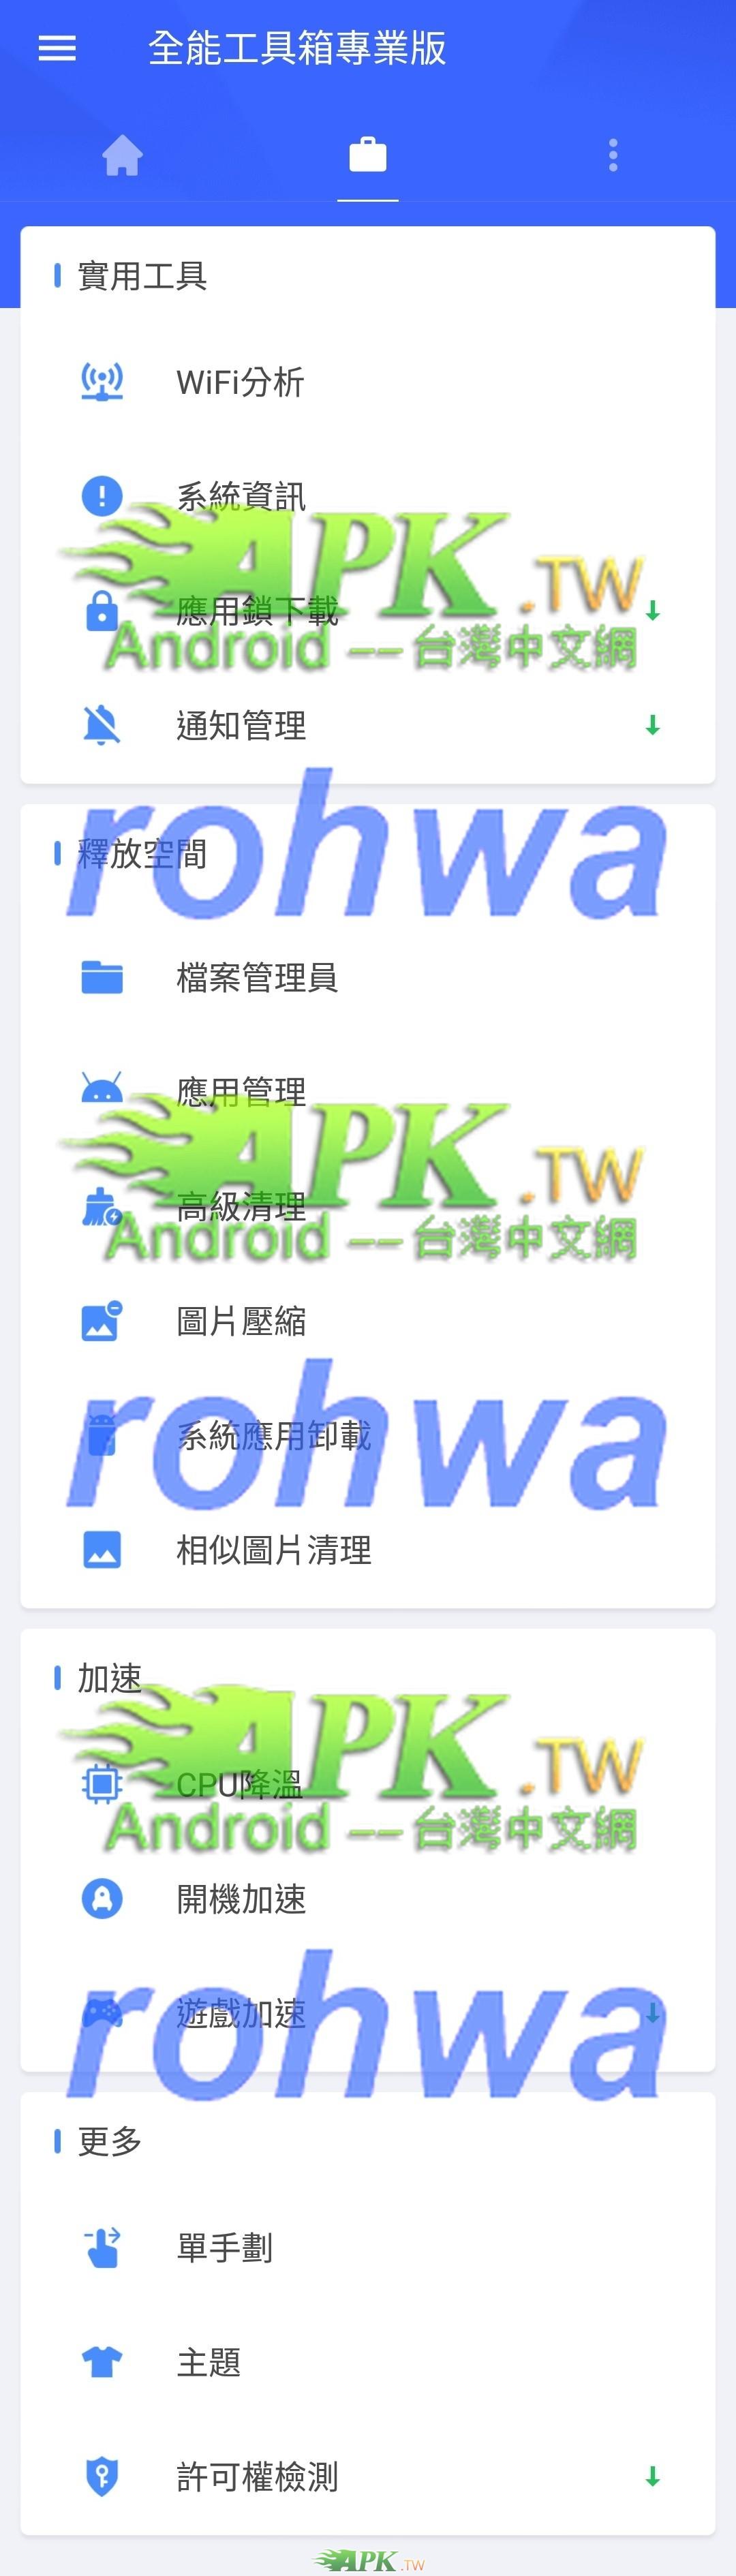 AIO_Toolbox__2_.jpg